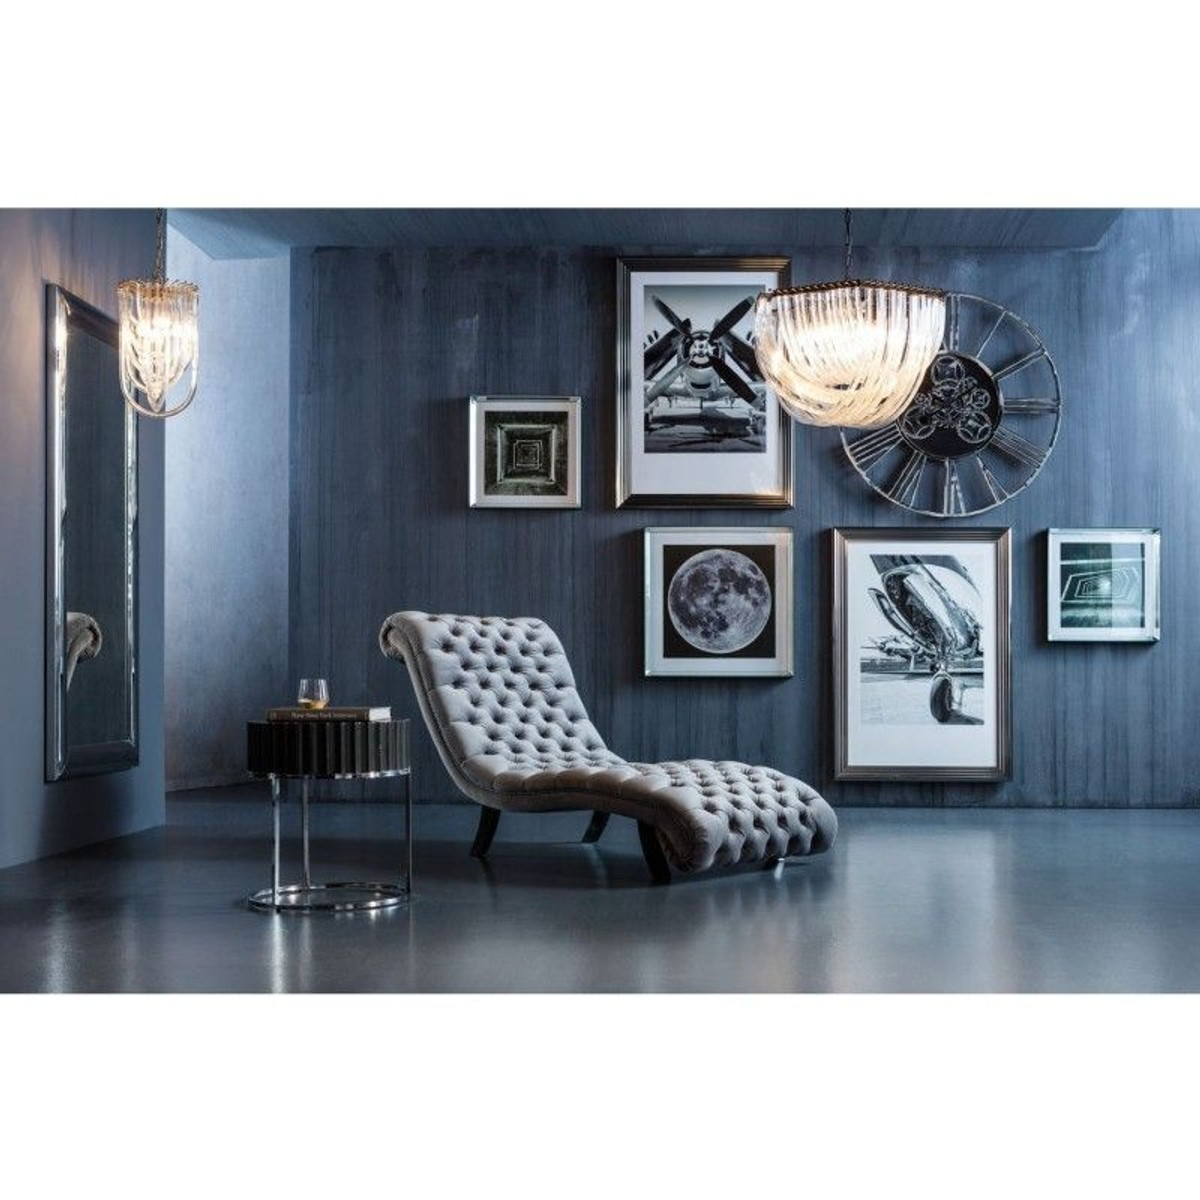 Velours Chaise Kare Design 2019Products Desire Longue Argenté In hxotdrQsCB